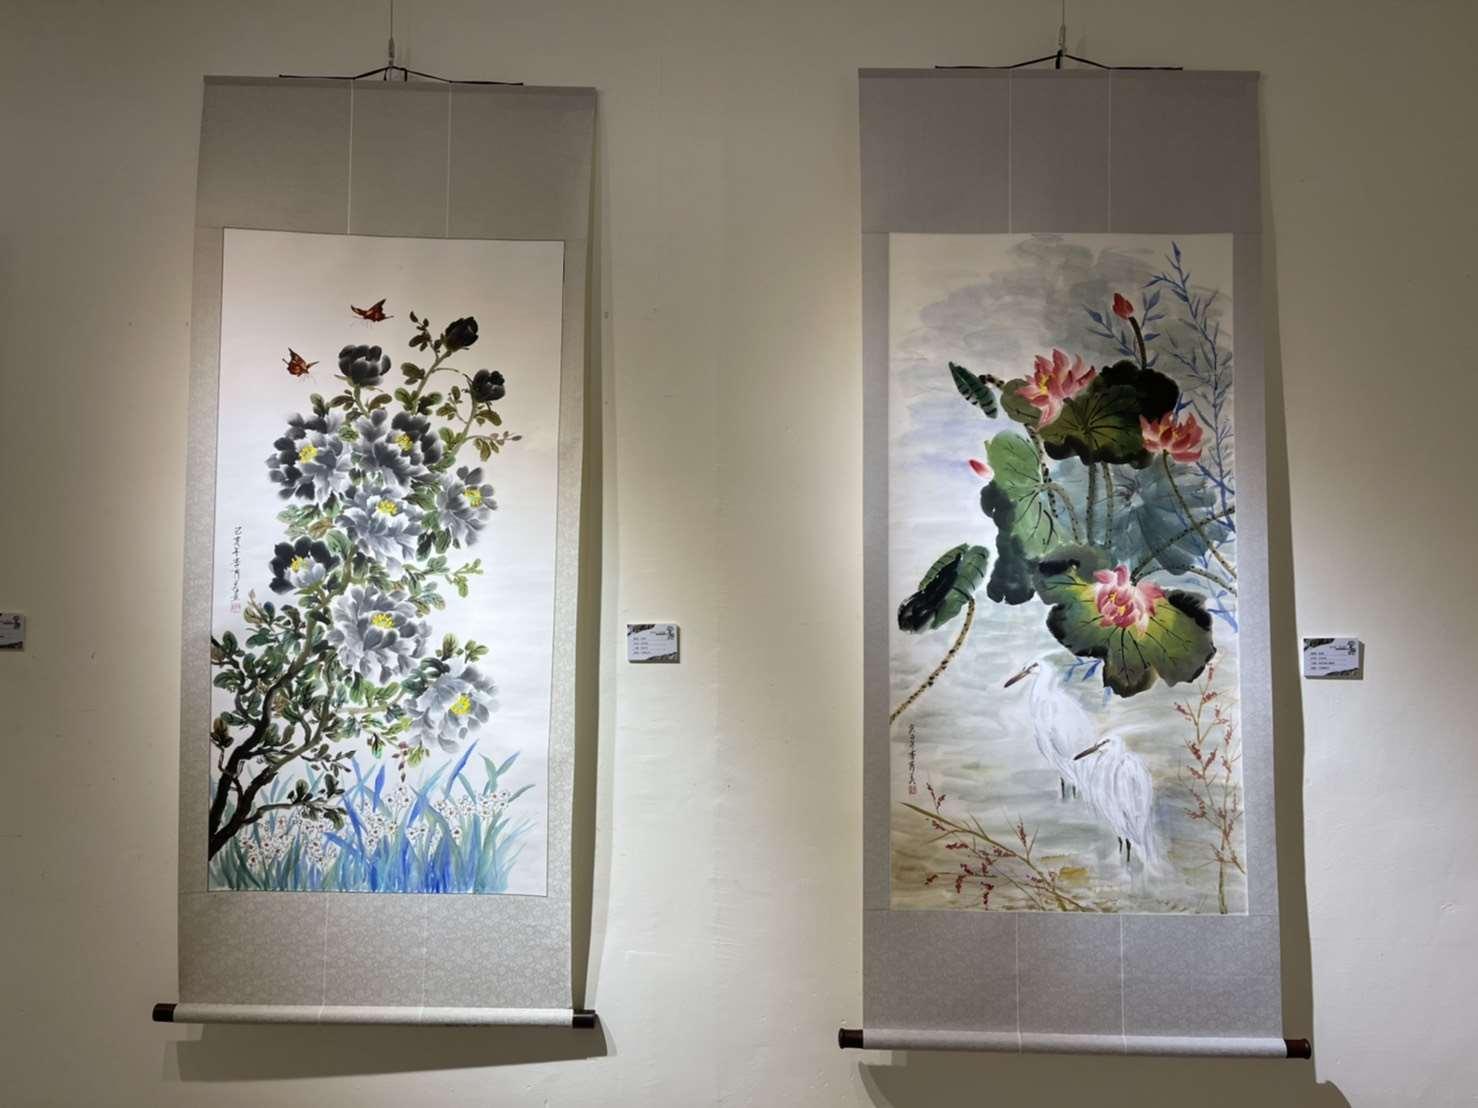 驚豔—李秀美、包怡倩雙人展  文化觀光處展覽館1樓展出